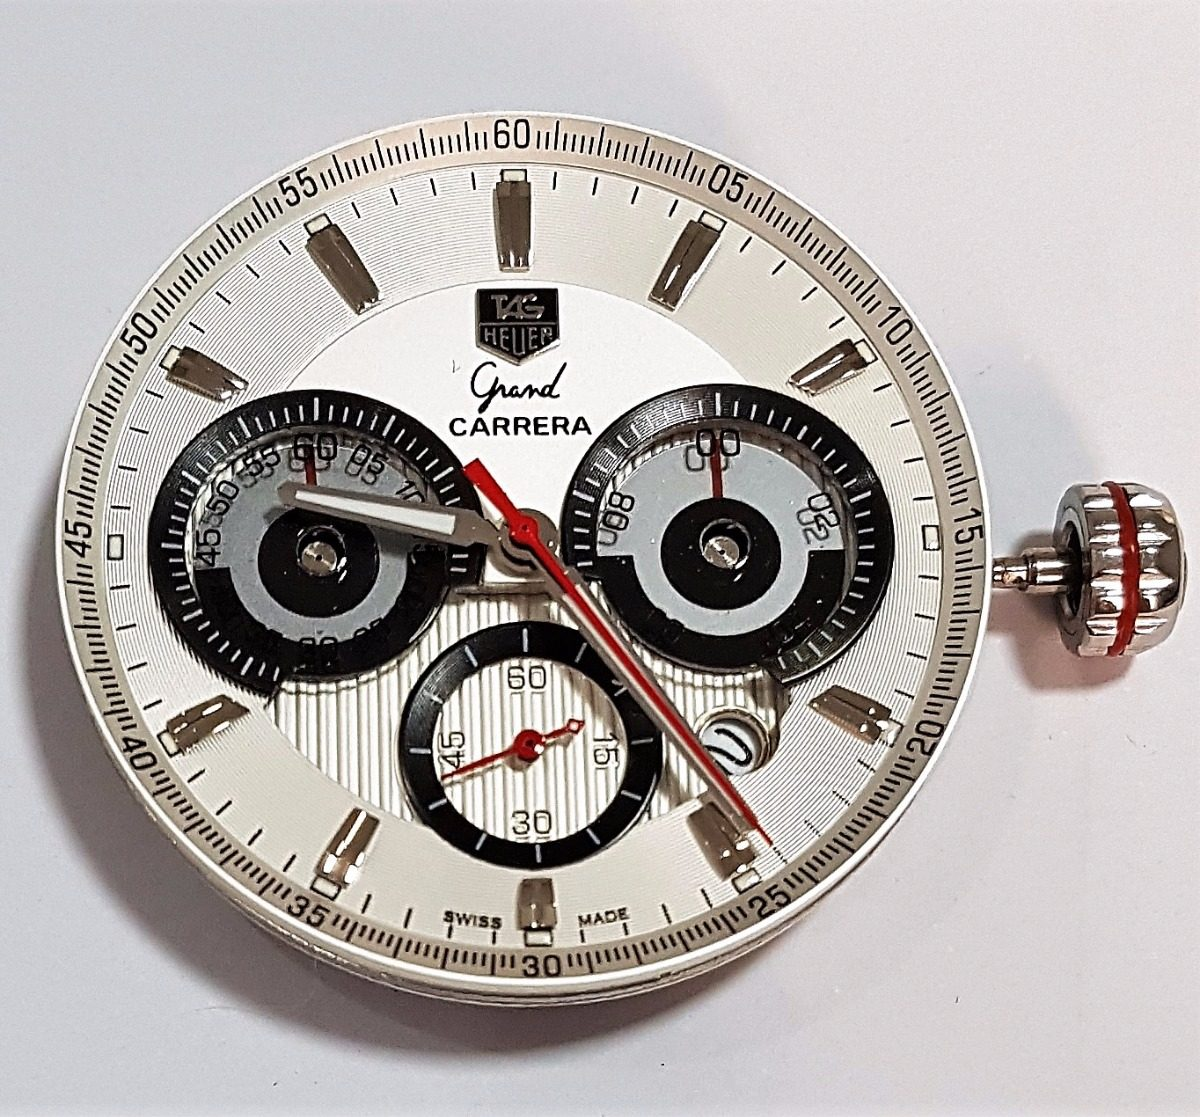 d7961718a6a máquina de relógio tag heuer miyota 6s20 grand carrera novo. Carregando  zoom.